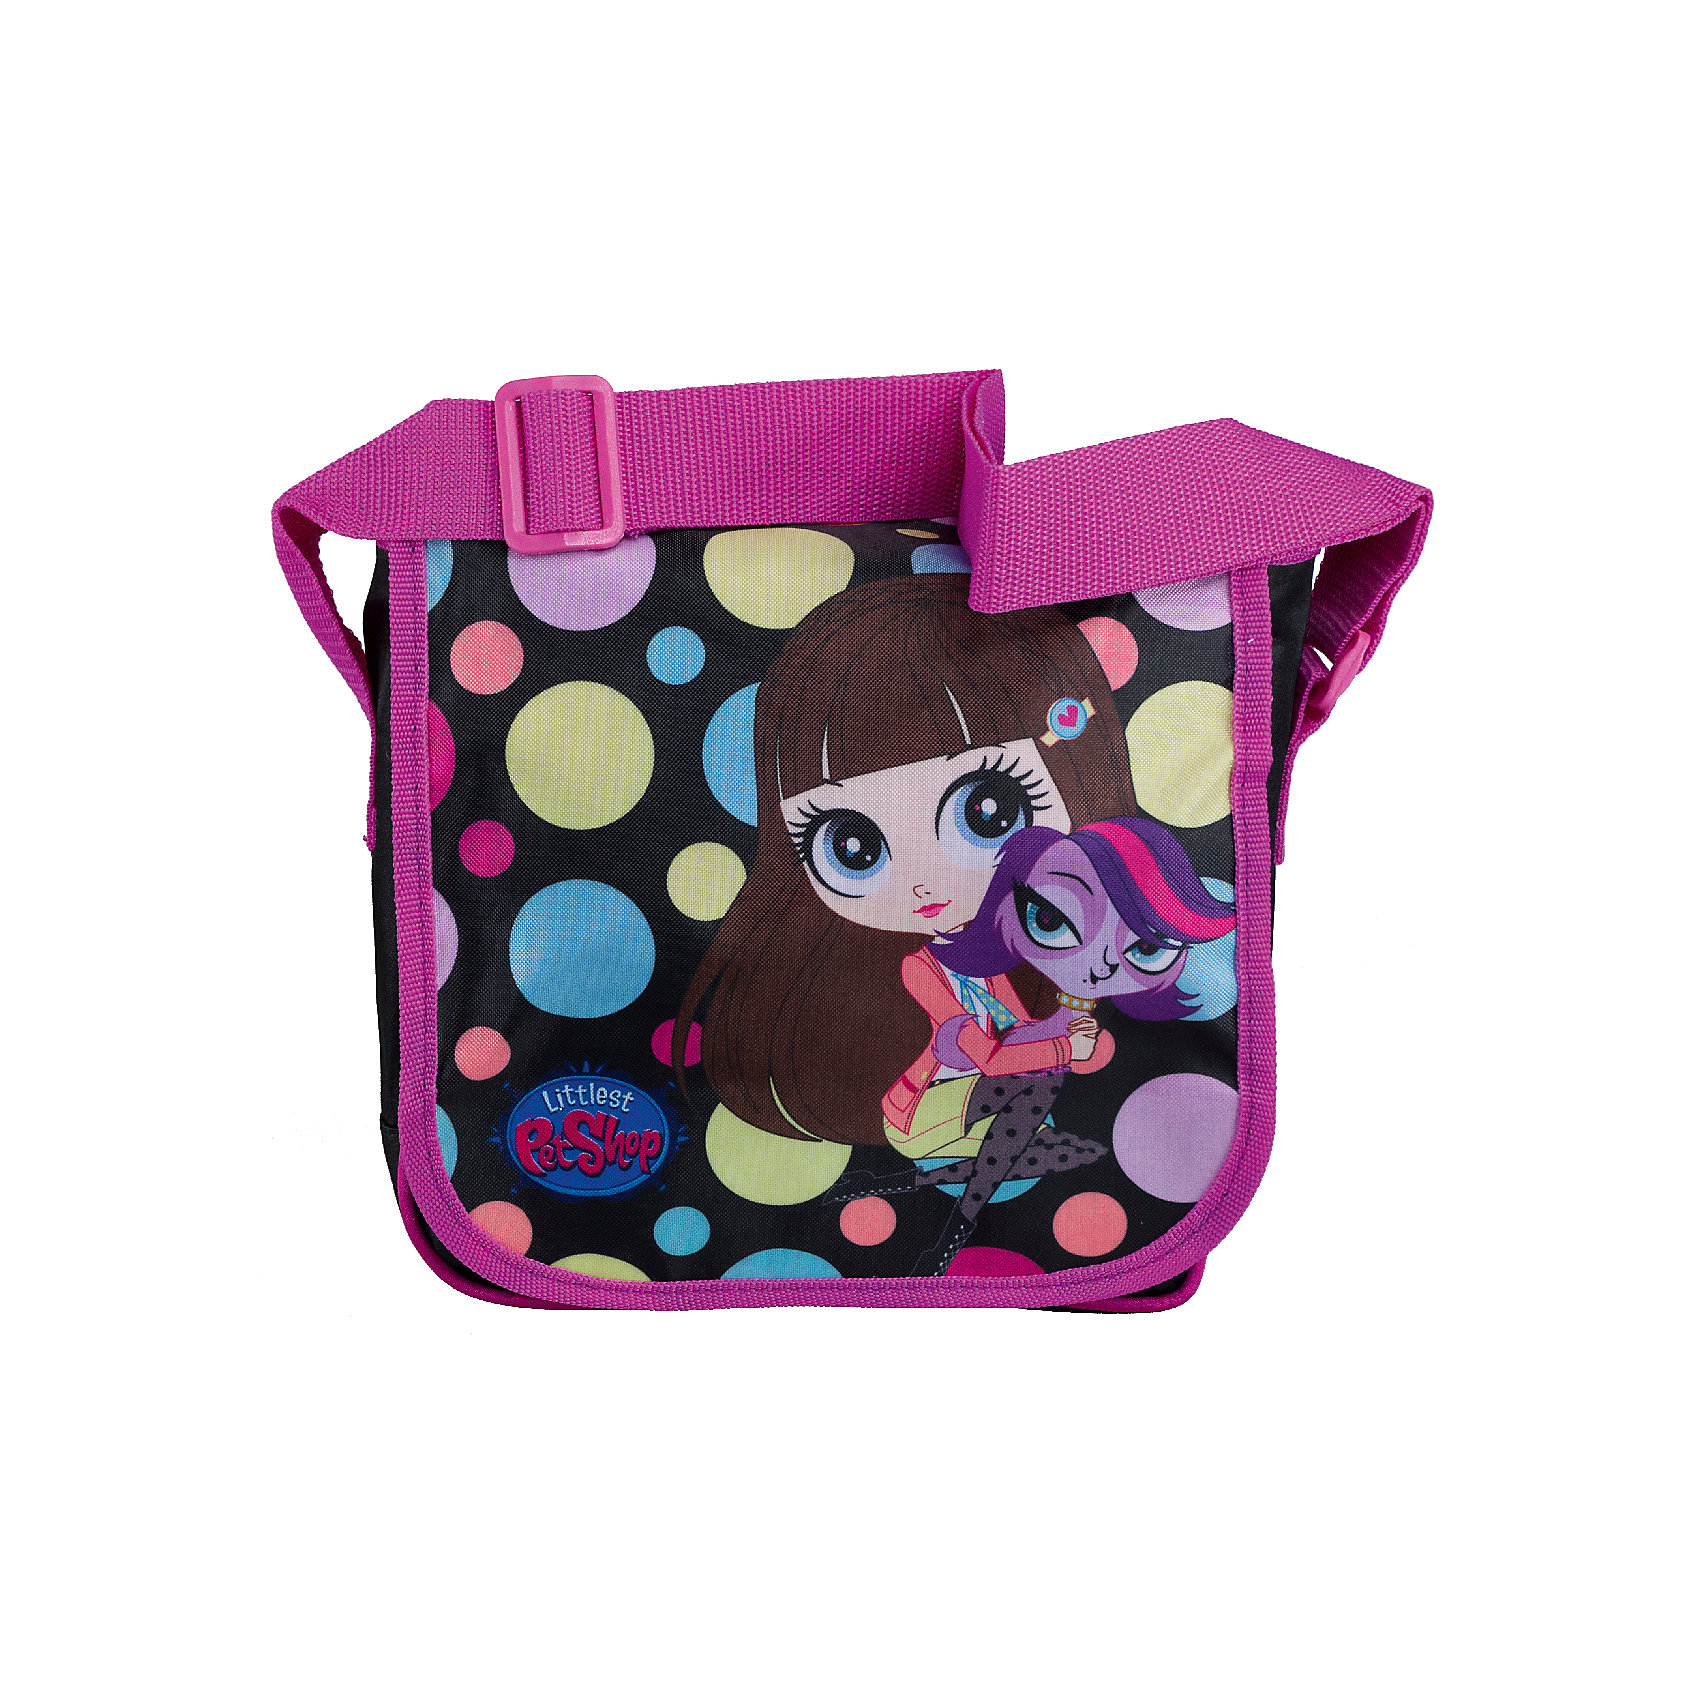 Сумка Littlest Pet Shop 21,5*22*7,5 смДорожные сумки и чемоданы<br>Стильная детская сумочка с изображением любимых героев, несомненно понравится Вашему ребенку. С ней можно отправиться на прогулку и взять с собой все самое необходимое. Сумка закрывается на клапан на липучке. Лямка свободно регулируется по длине, обеспечивая дополнительный комфорт. Модель выполнена из плотного и износостойкого полиэстера.<br><br>Дополнительная информация:<br><br>Одно отделение, перекидной клапан на липучке.<br>Размер 21,5 х 22 х 7,5 см.<br><br>Сумку Littlest Pet Shop (Маленький зоомагазин) 21,5*22*7,5 см можно купить в нашем магазине.<br><br>Ширина мм: 215<br>Глубина мм: 220<br>Высота мм: 75<br>Вес г: 168<br>Возраст от месяцев: 48<br>Возраст до месяцев: 84<br>Пол: Женский<br>Возраст: Детский<br>SKU: 4141001